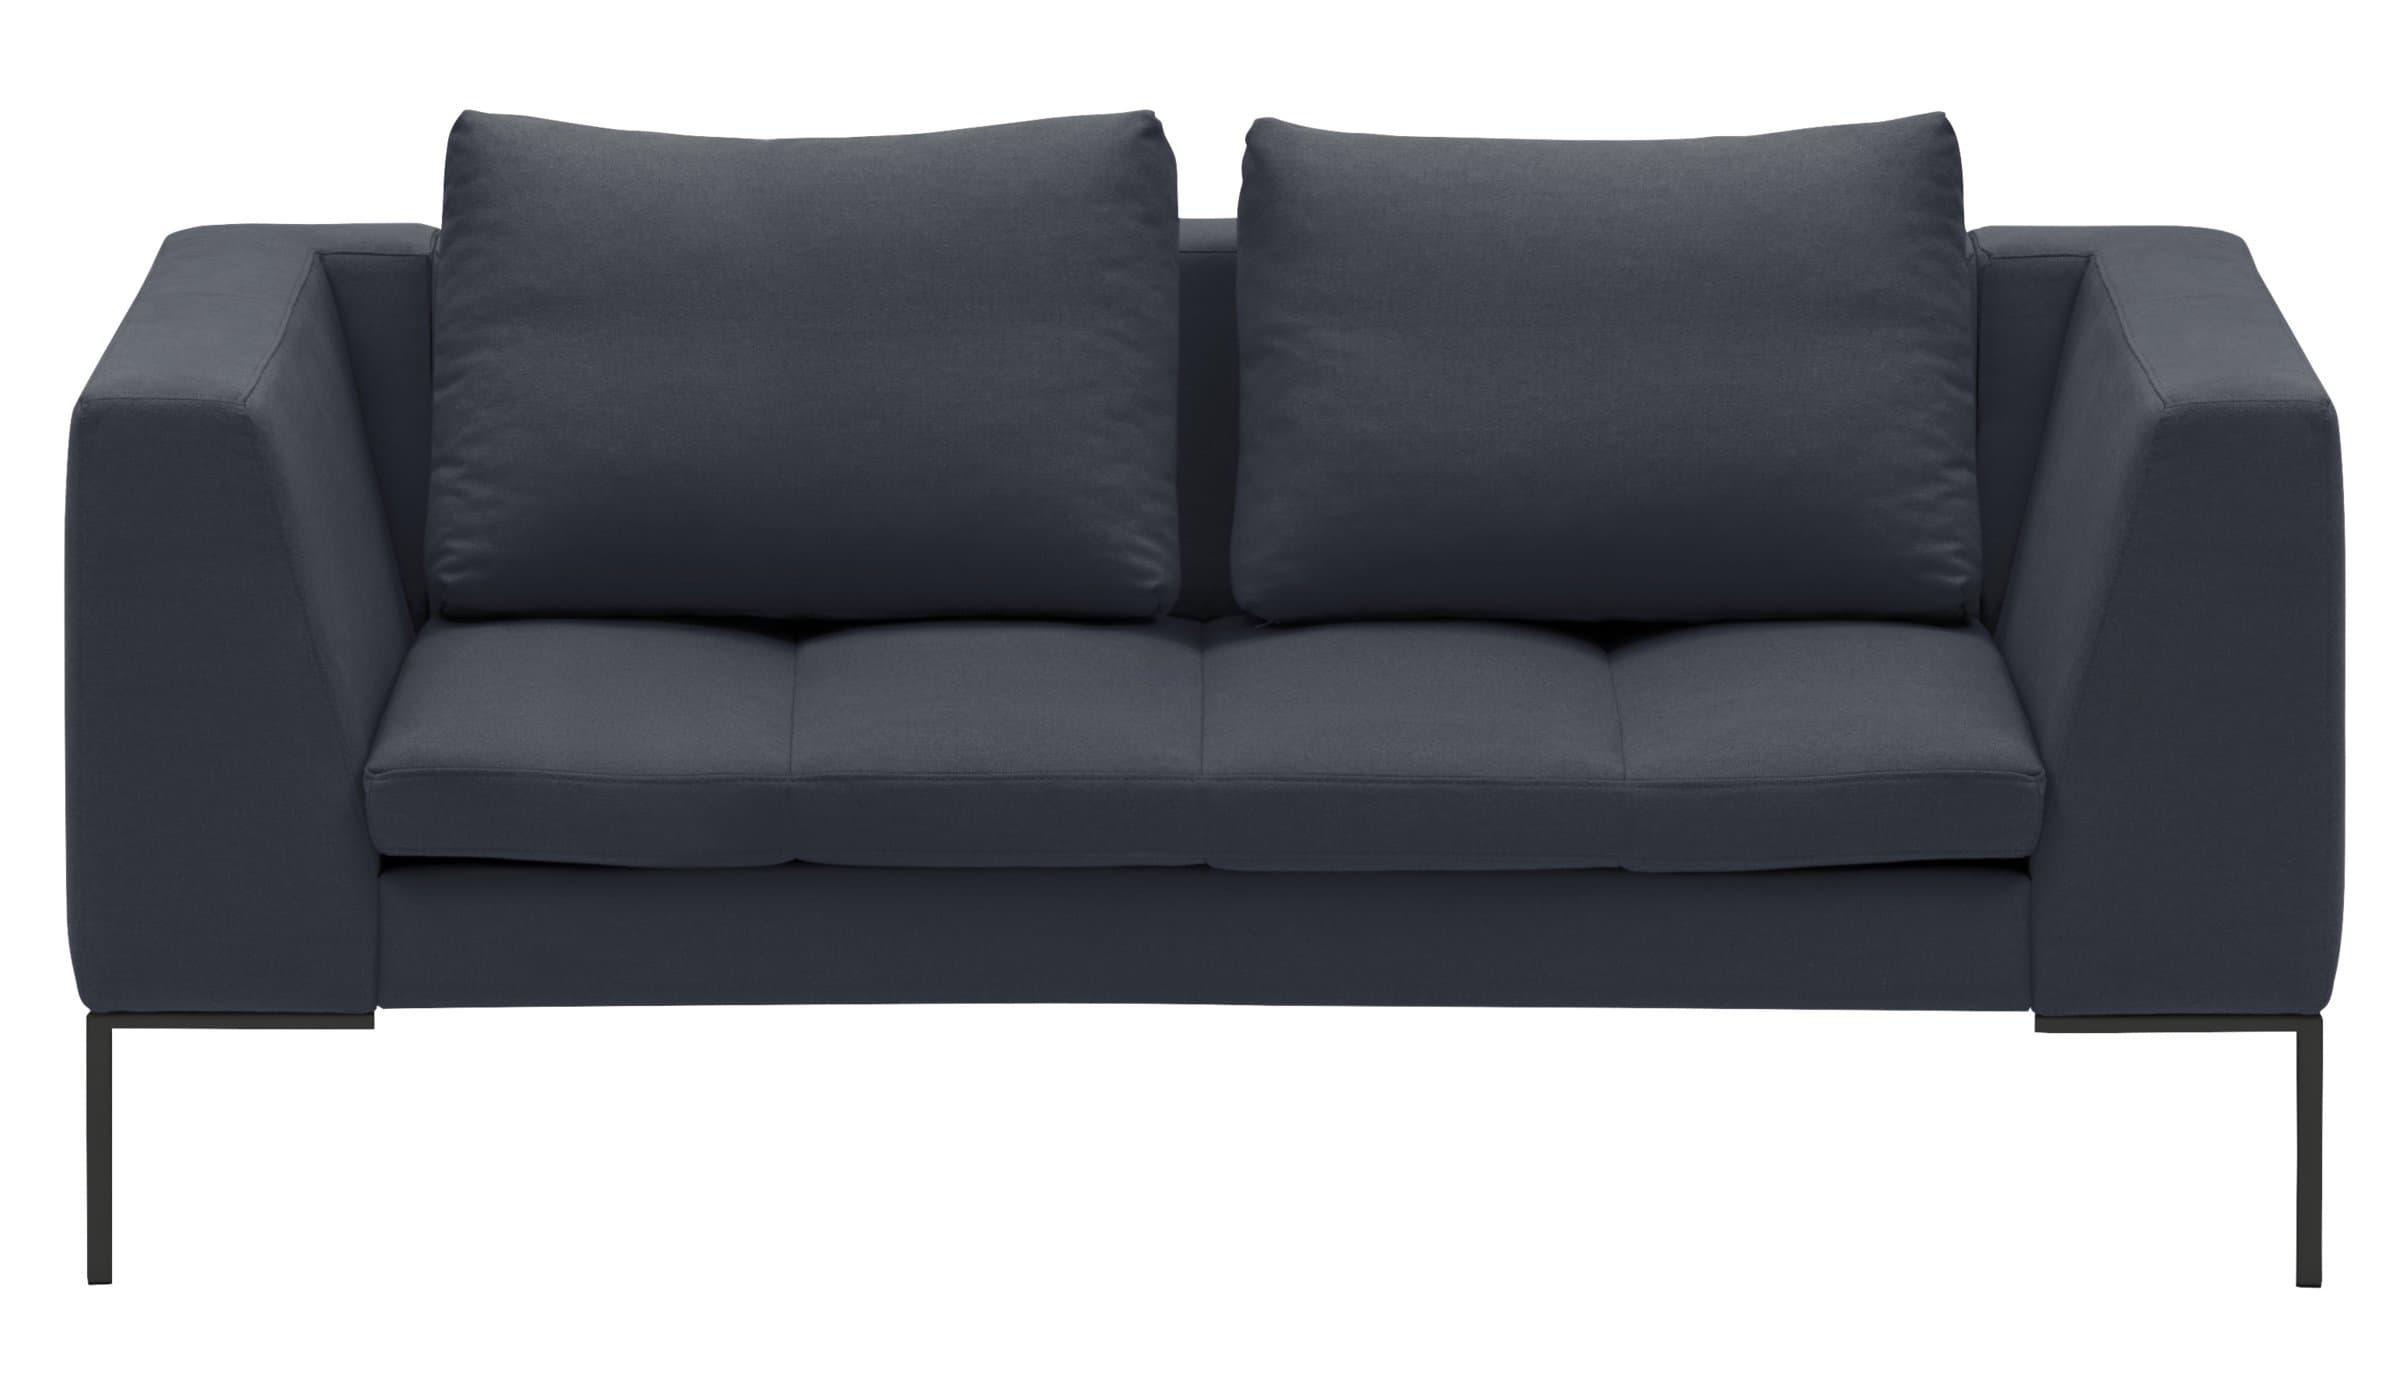 BADER 2er-Sofa